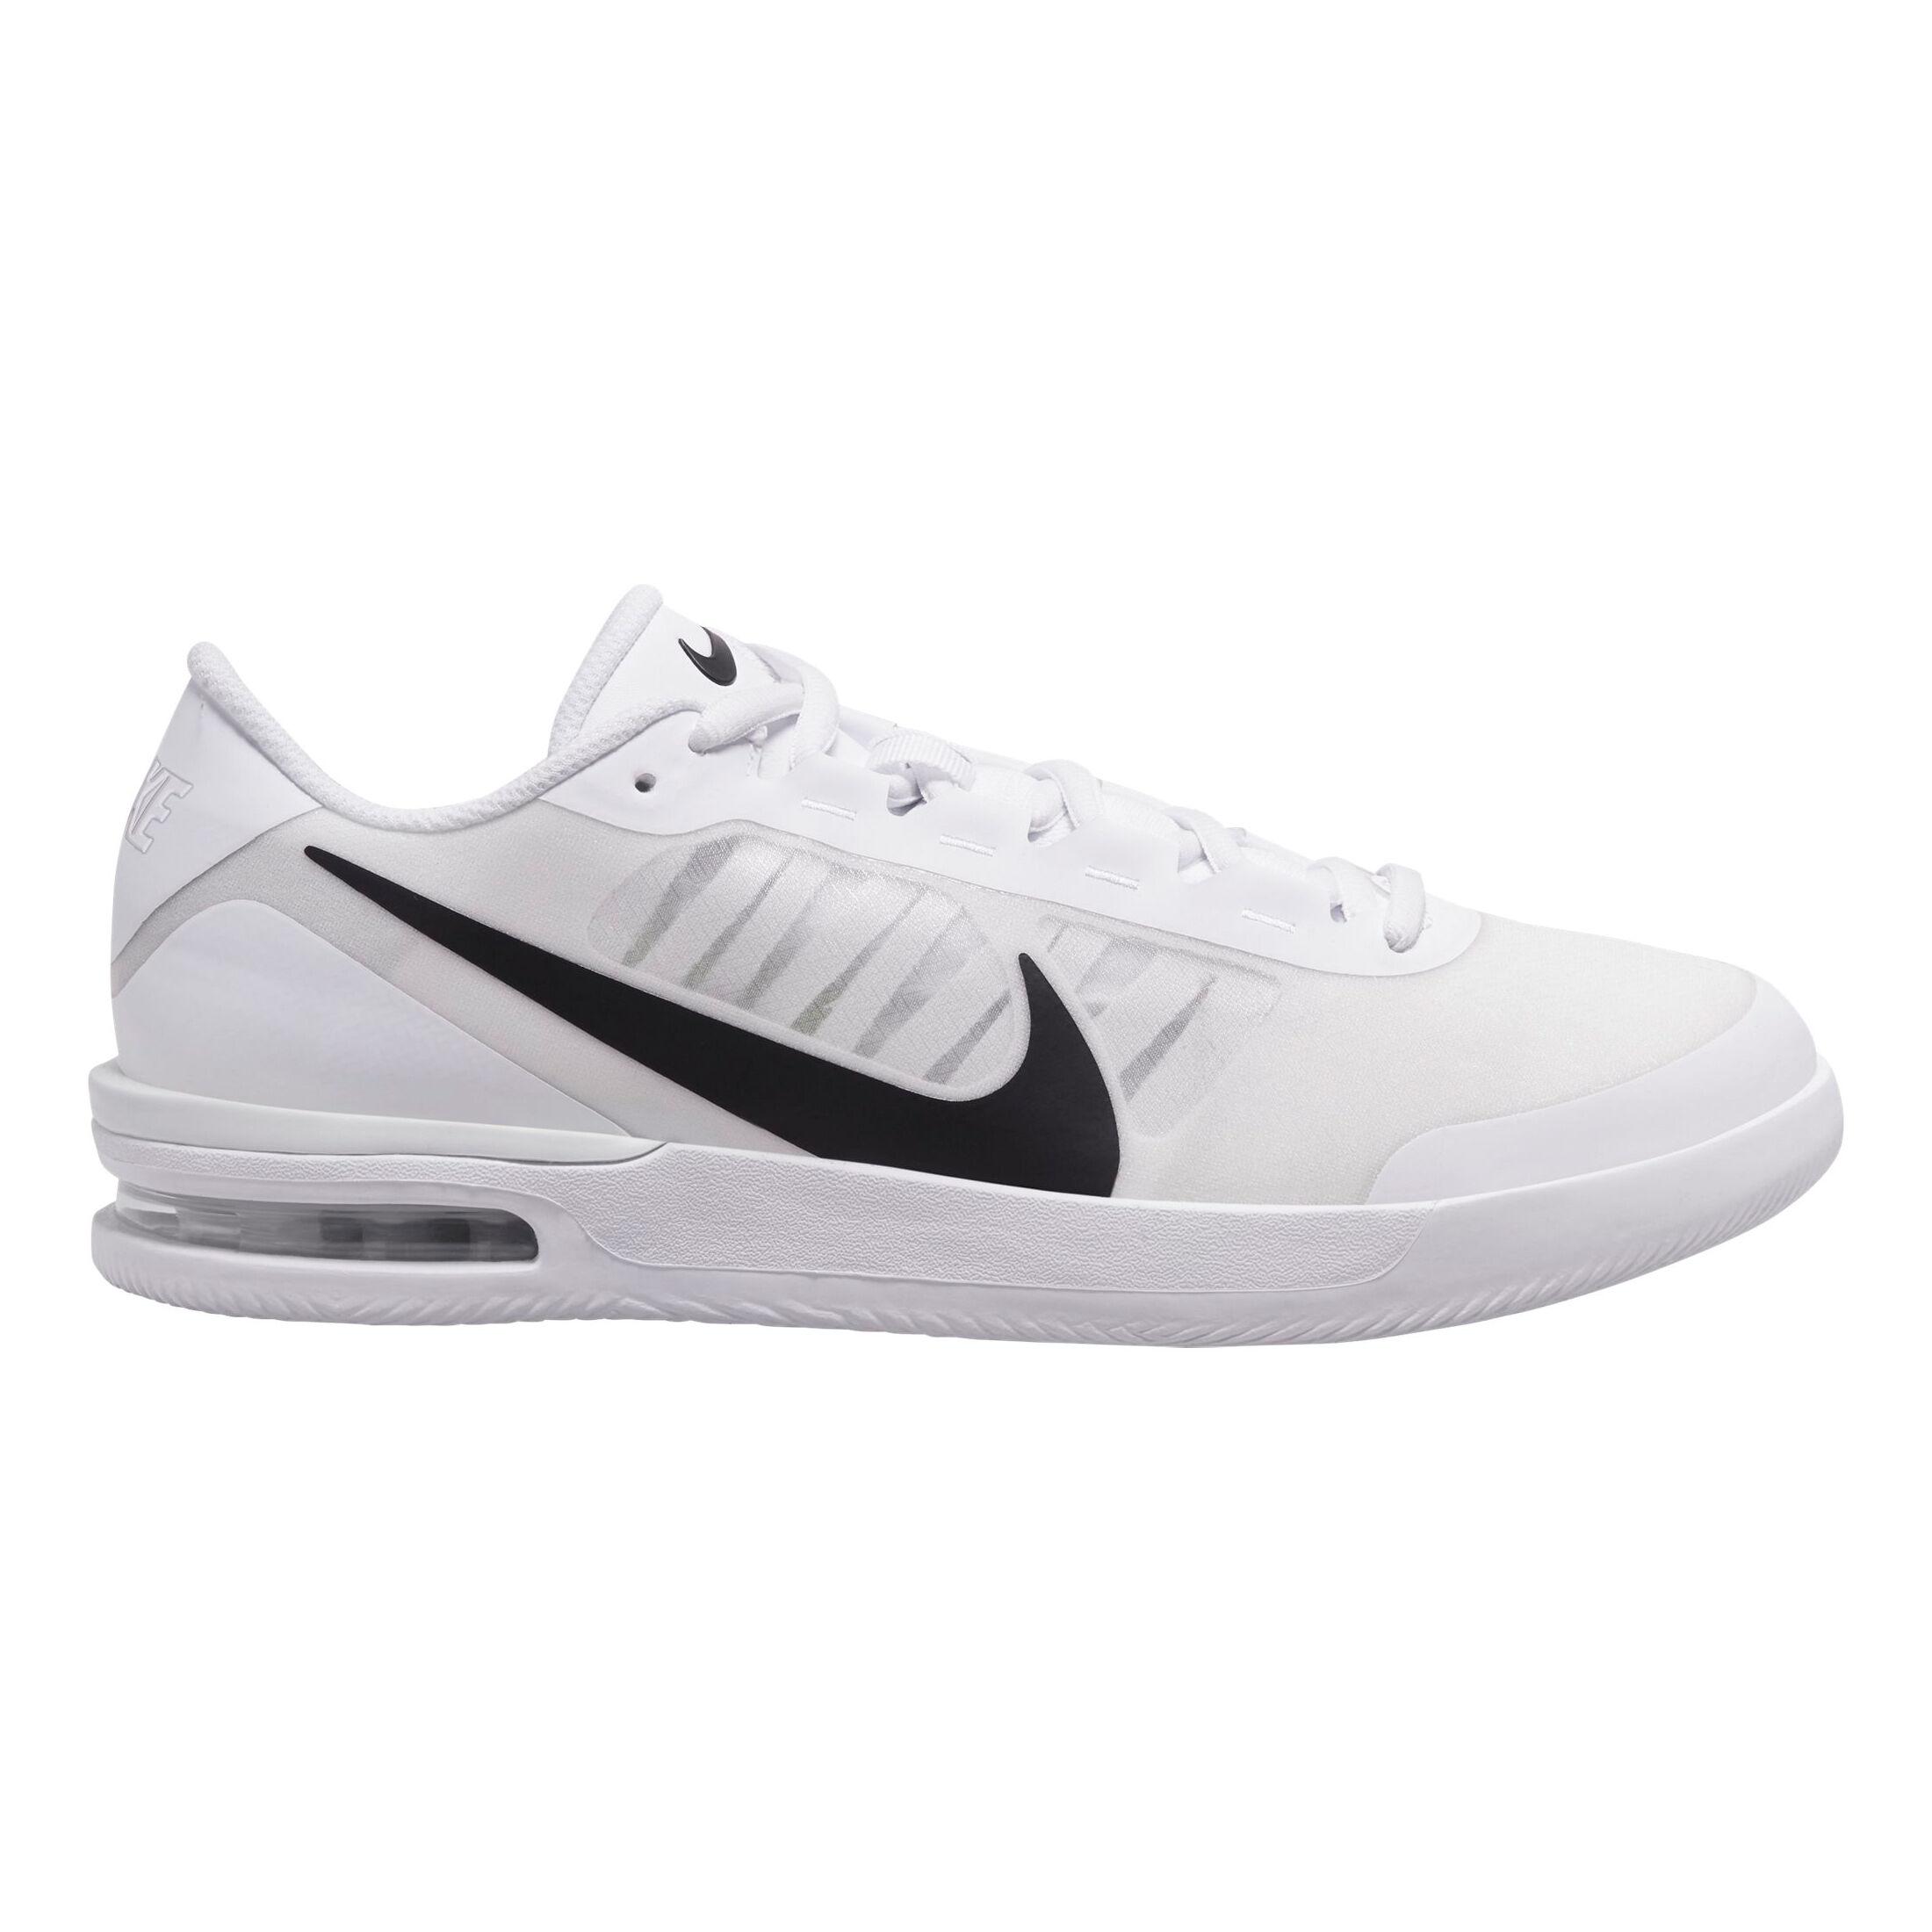 Nike Air Vapor Max Wing MS Zapatilla Todas Las Superficies Hombres Blanco, Negro